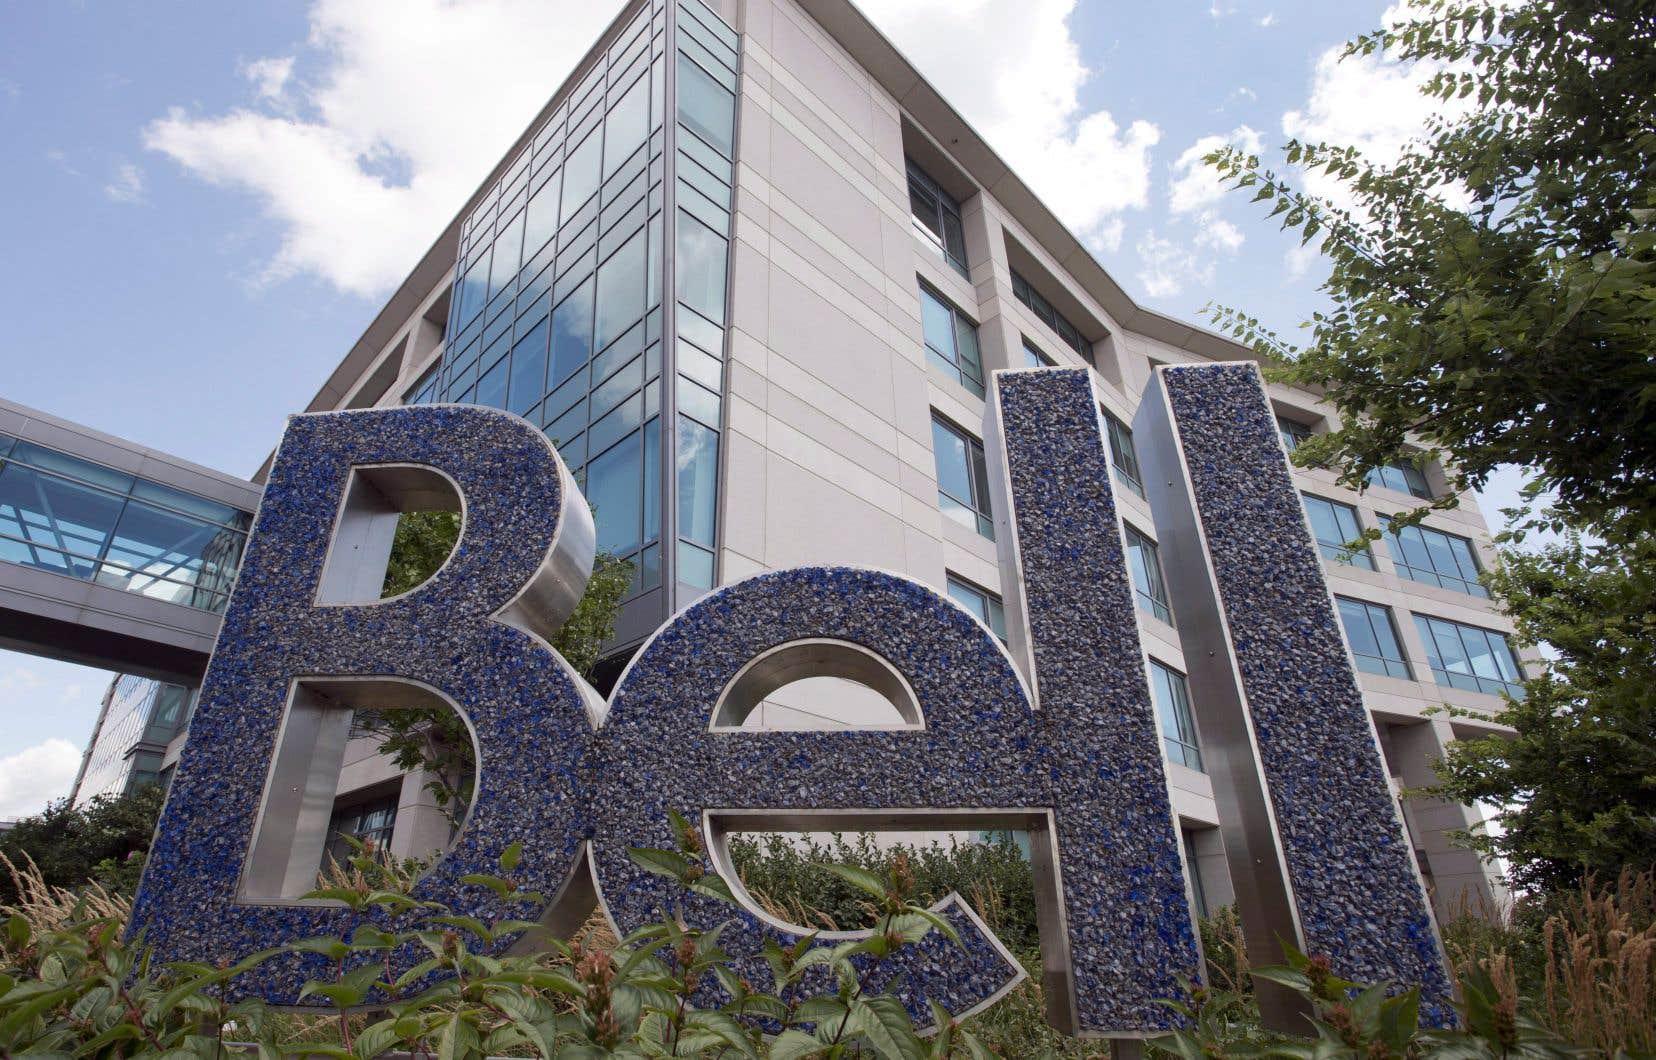 C'est ainsi la deuxième fois en huit mois que Bell avise ses clients d'une fuite de renseignements personnels.